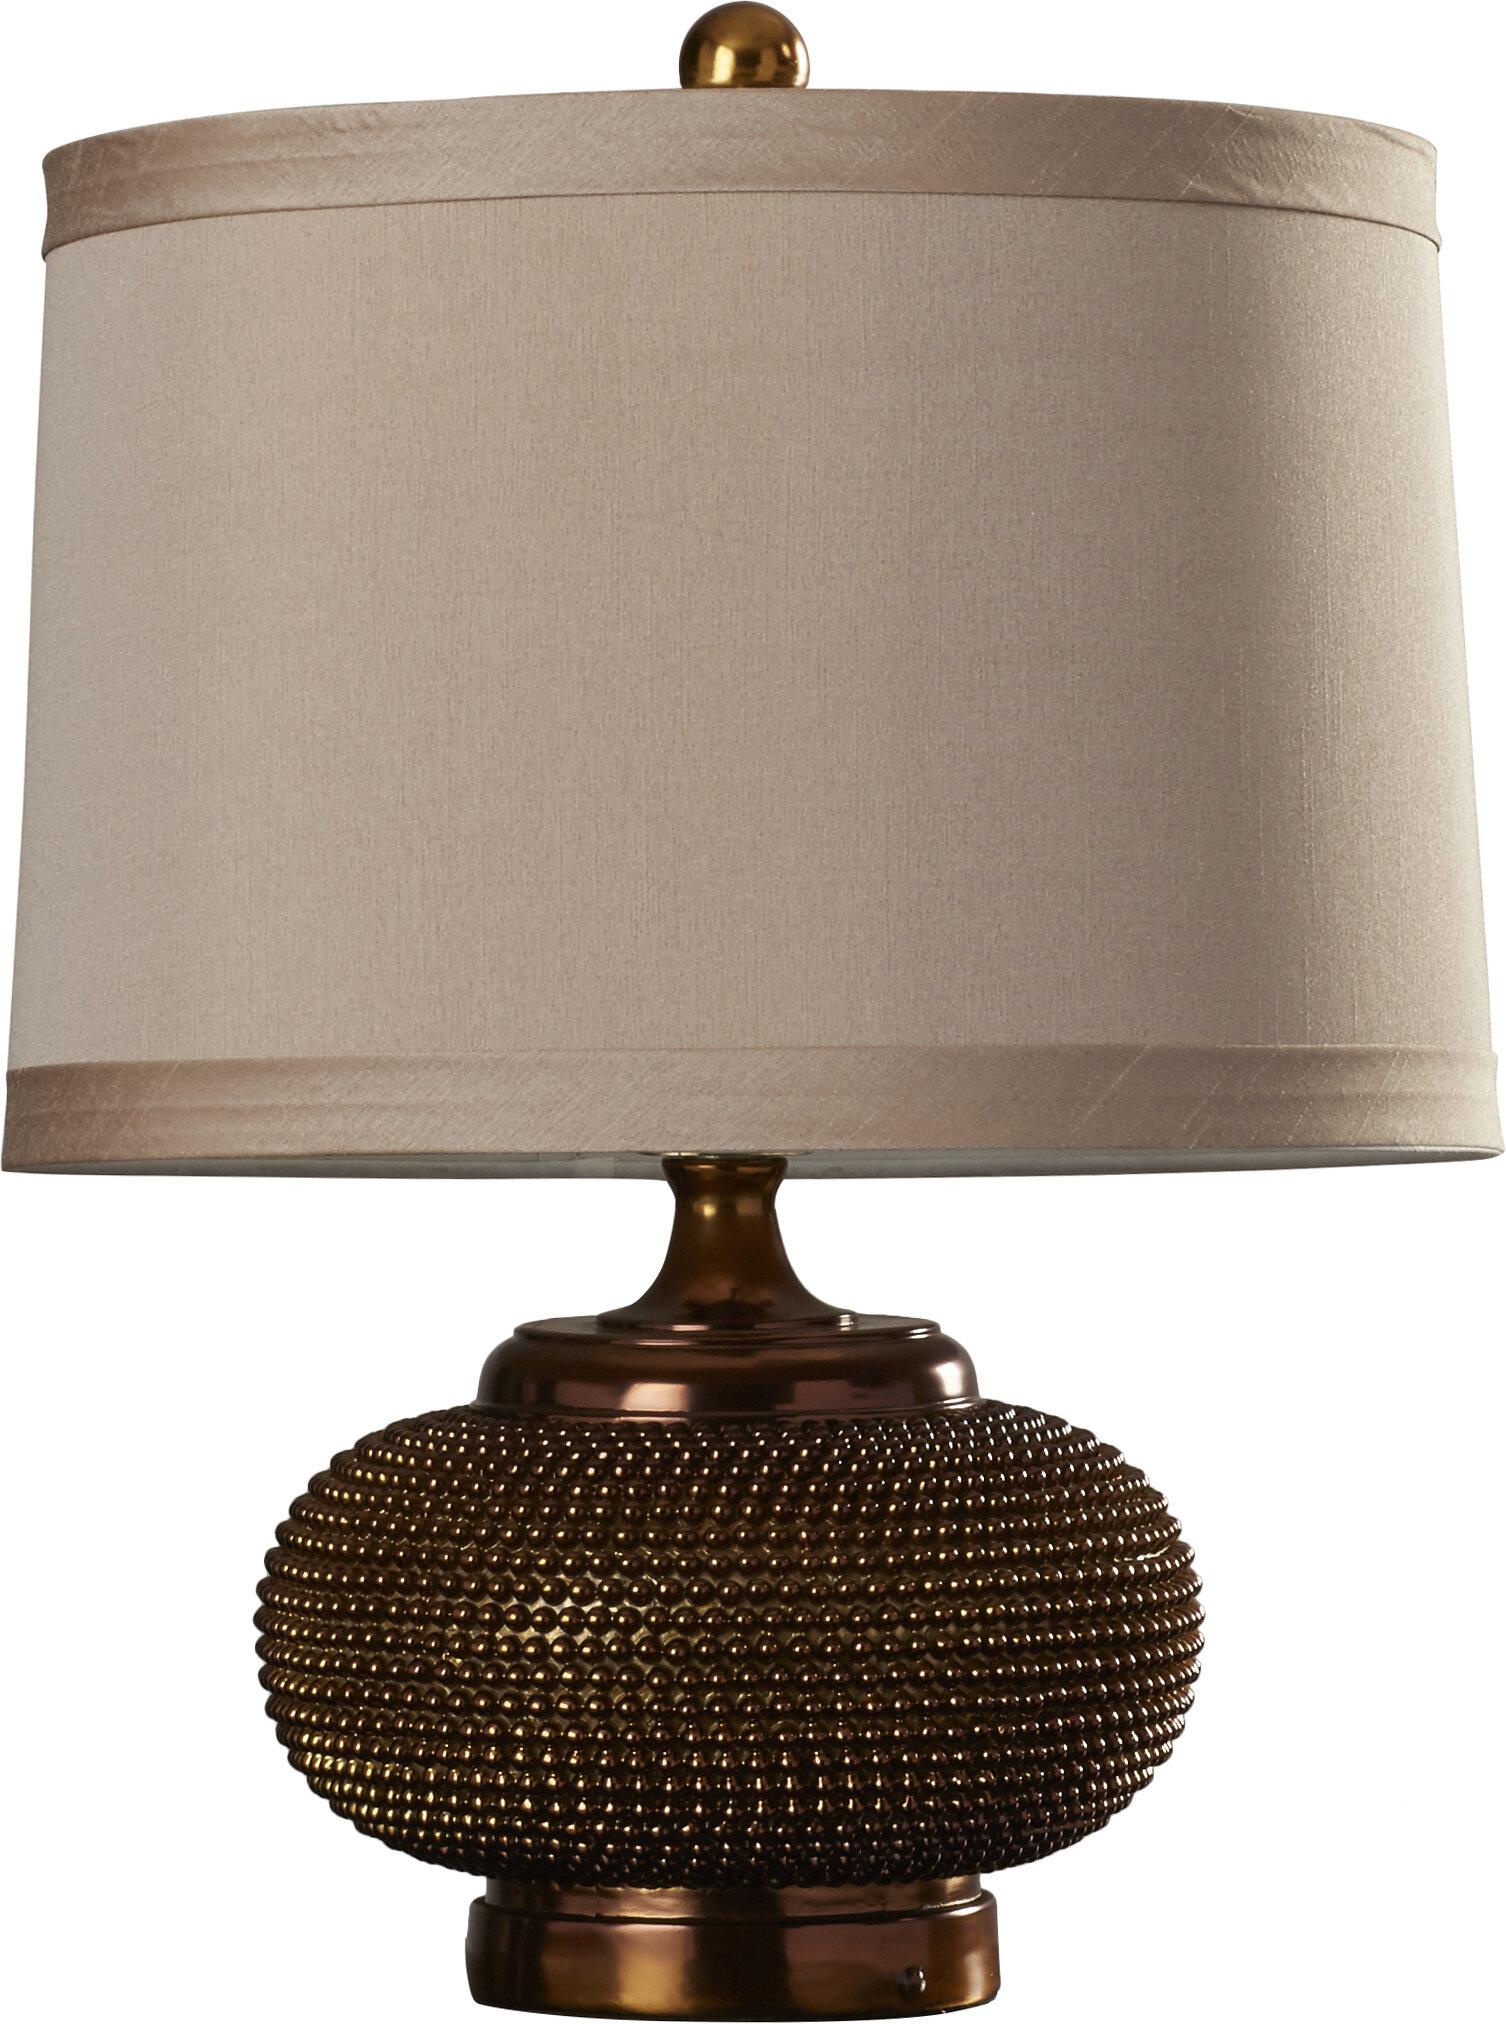 Mavis 19 Table Lamp Base